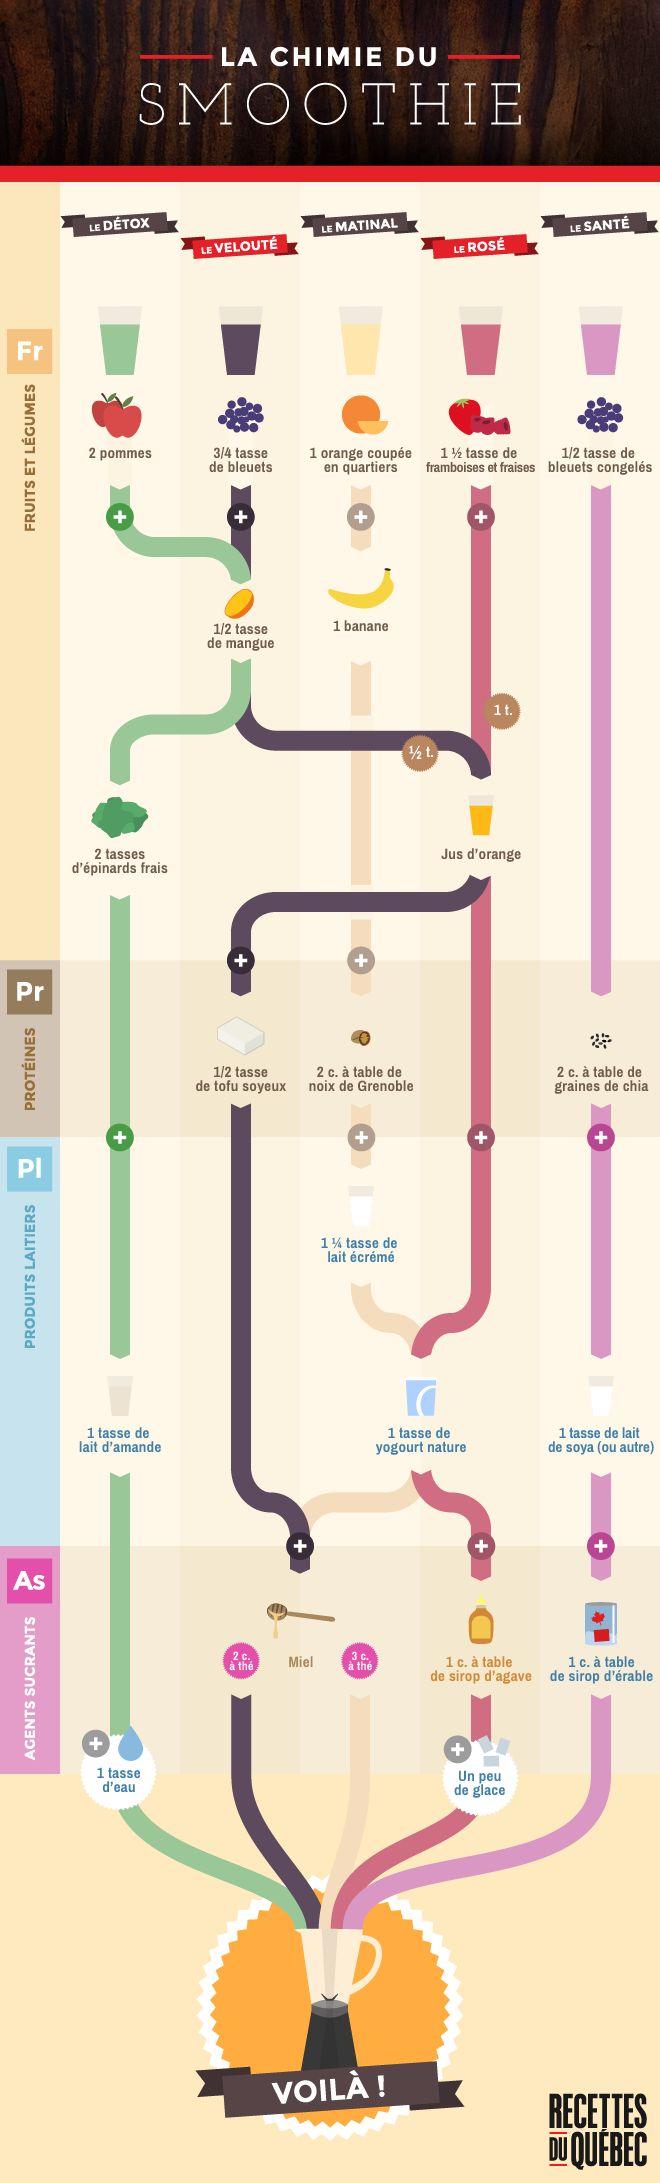 La chimie du smoothie. Client : Recettes du Québec